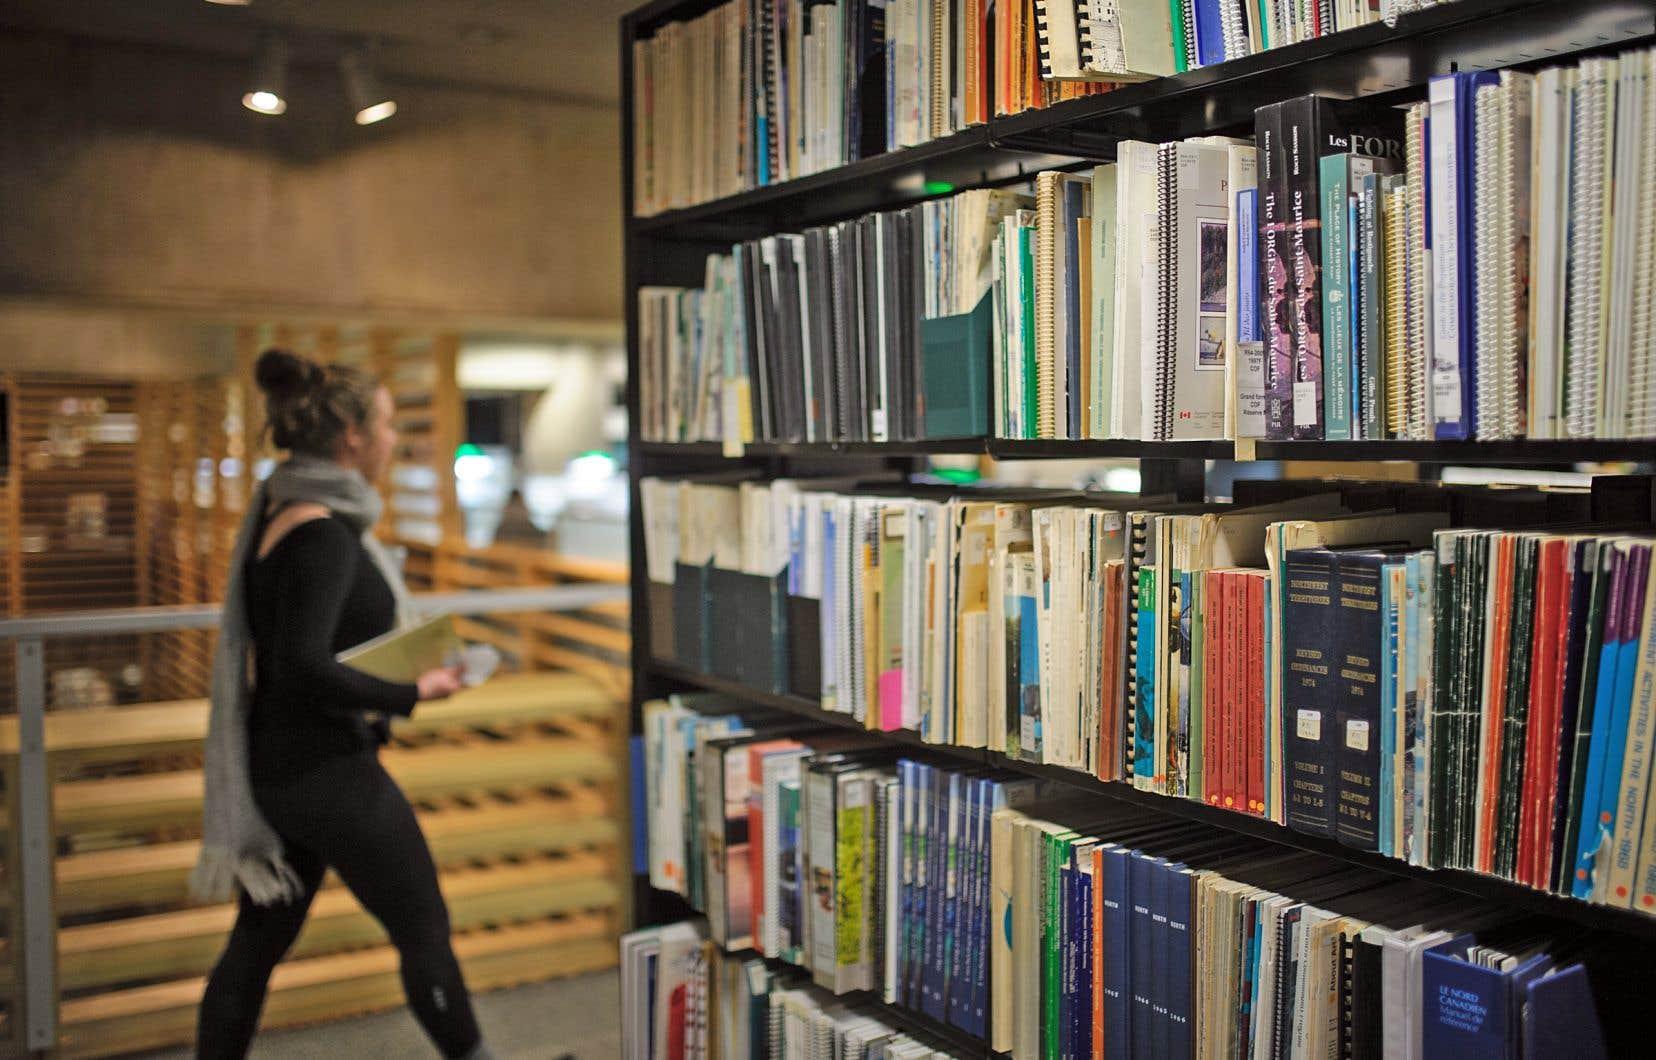 Actuellement, 49% des municipalités n'emploient aucun bibliothécaire. Près de 17% des bibliothèques n'ont pas d'employés spécialisés — ni bibliothécaire, ni technicien en documentation.